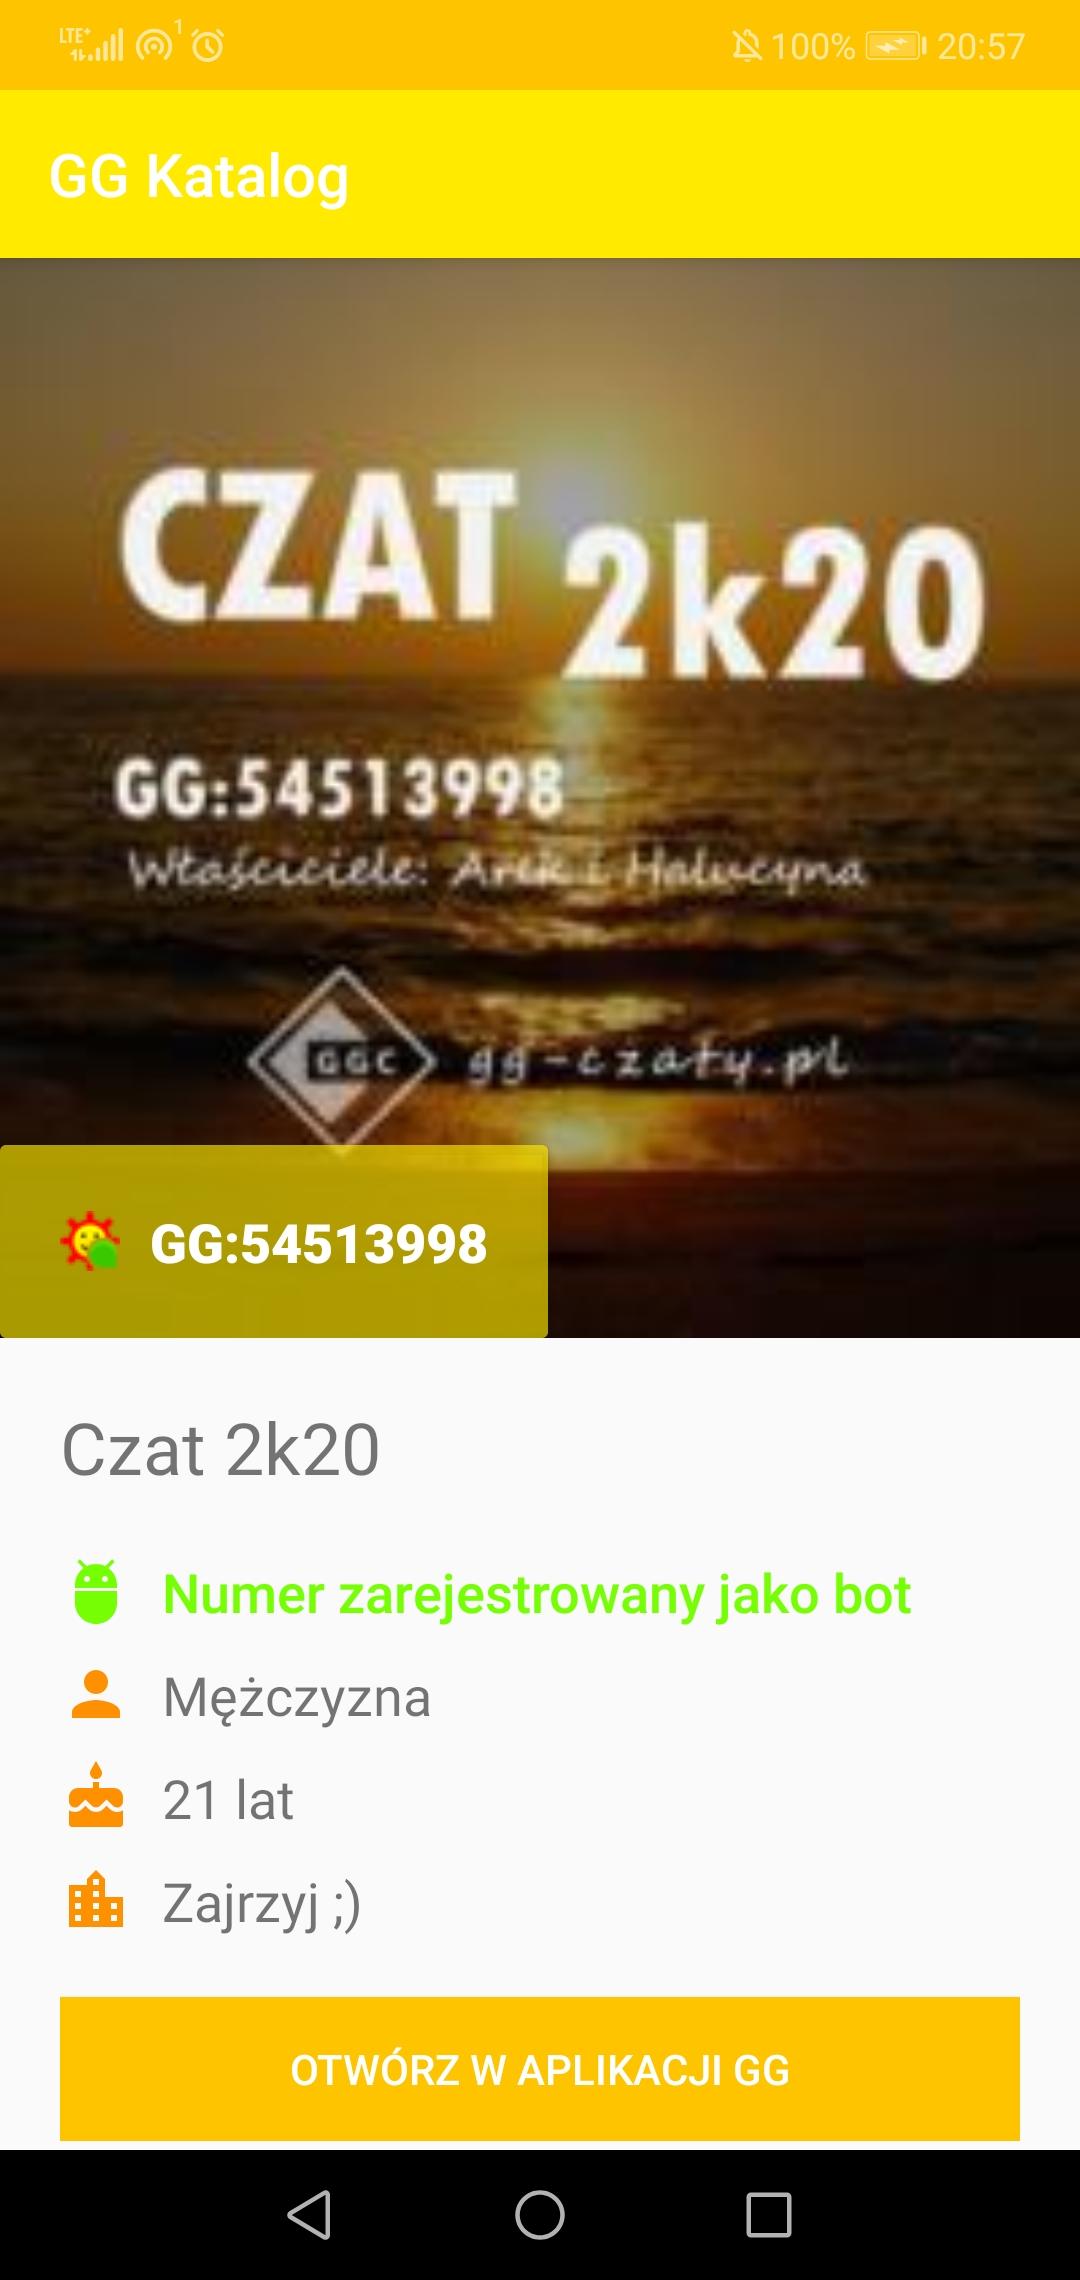 Screenshot_20200229_205736_pl.kataloggg.jpg